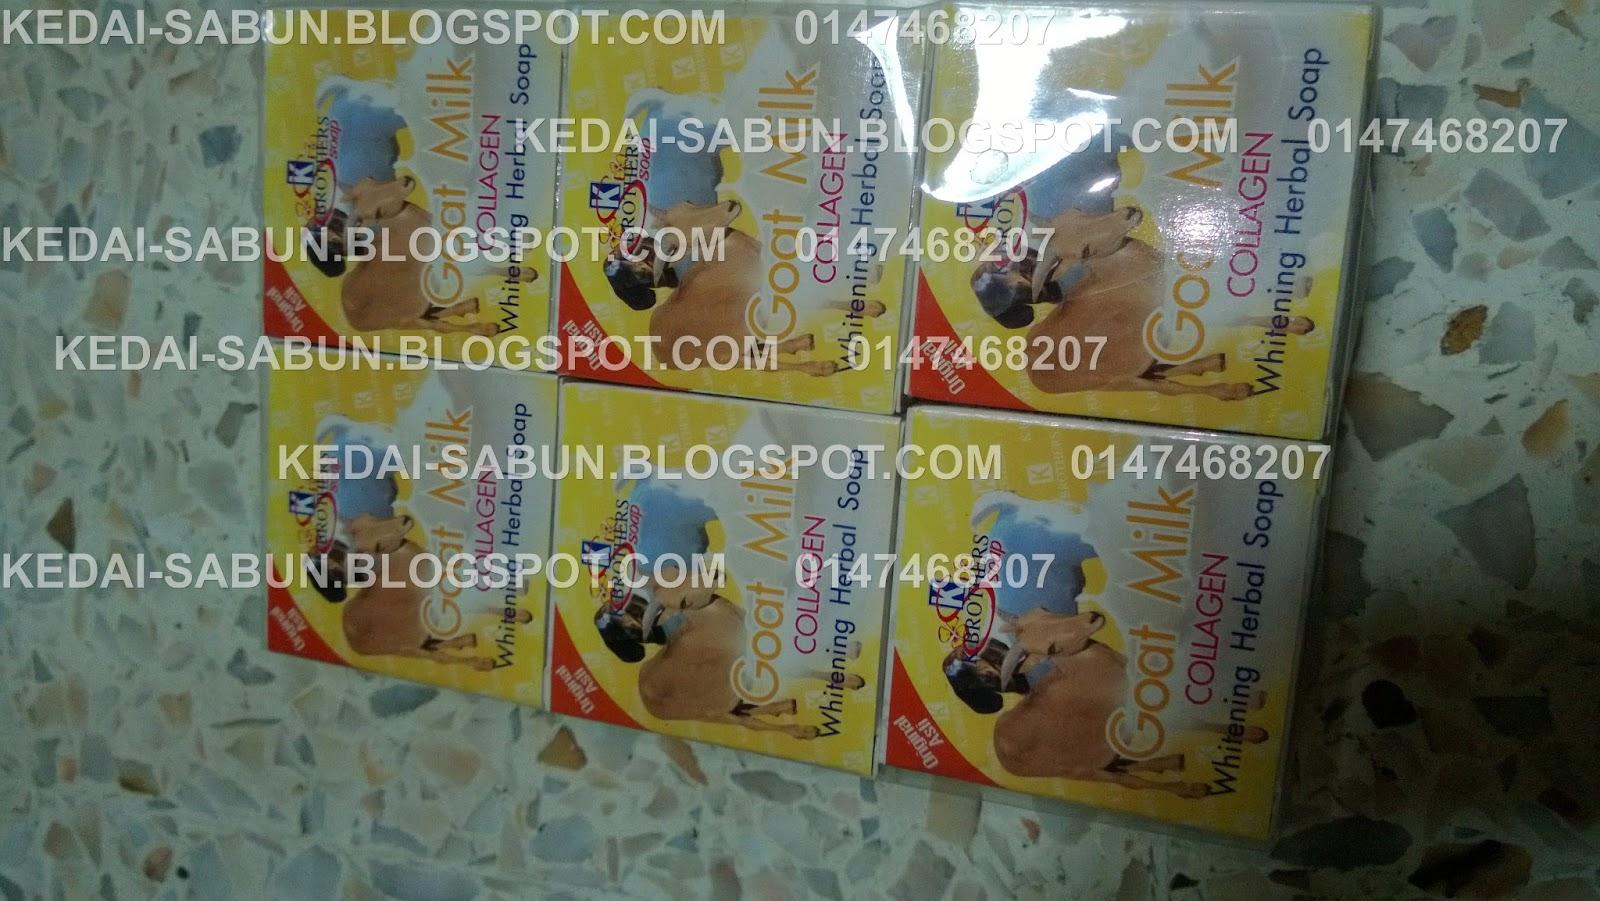 Sabun Susu Kambing Collagen K Brothers Produk Kecantikan Dan